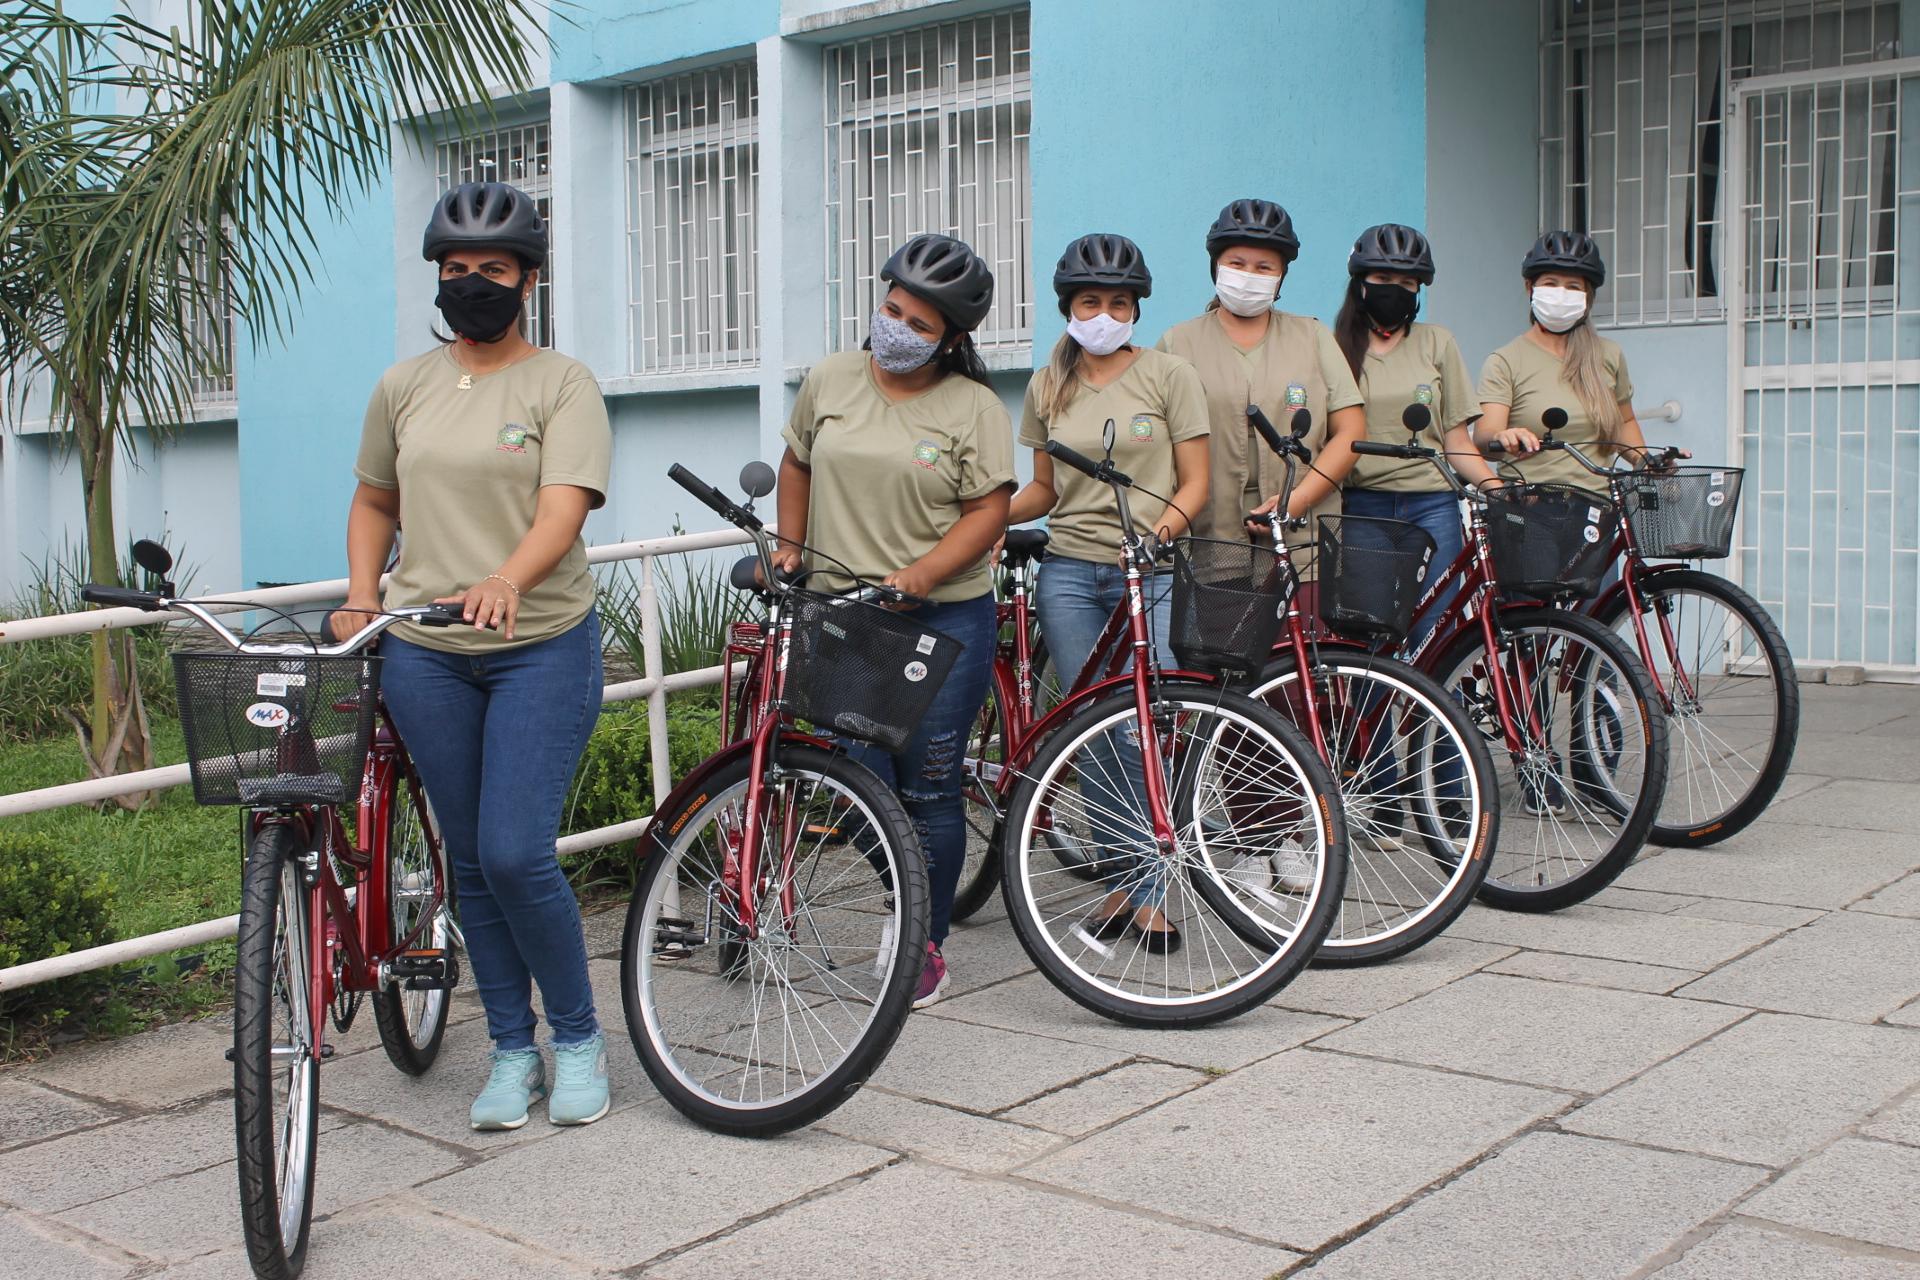 Entrega simbólica das bicicletas aconteceu em frente à sede da Secretaria Municipal de Saúde